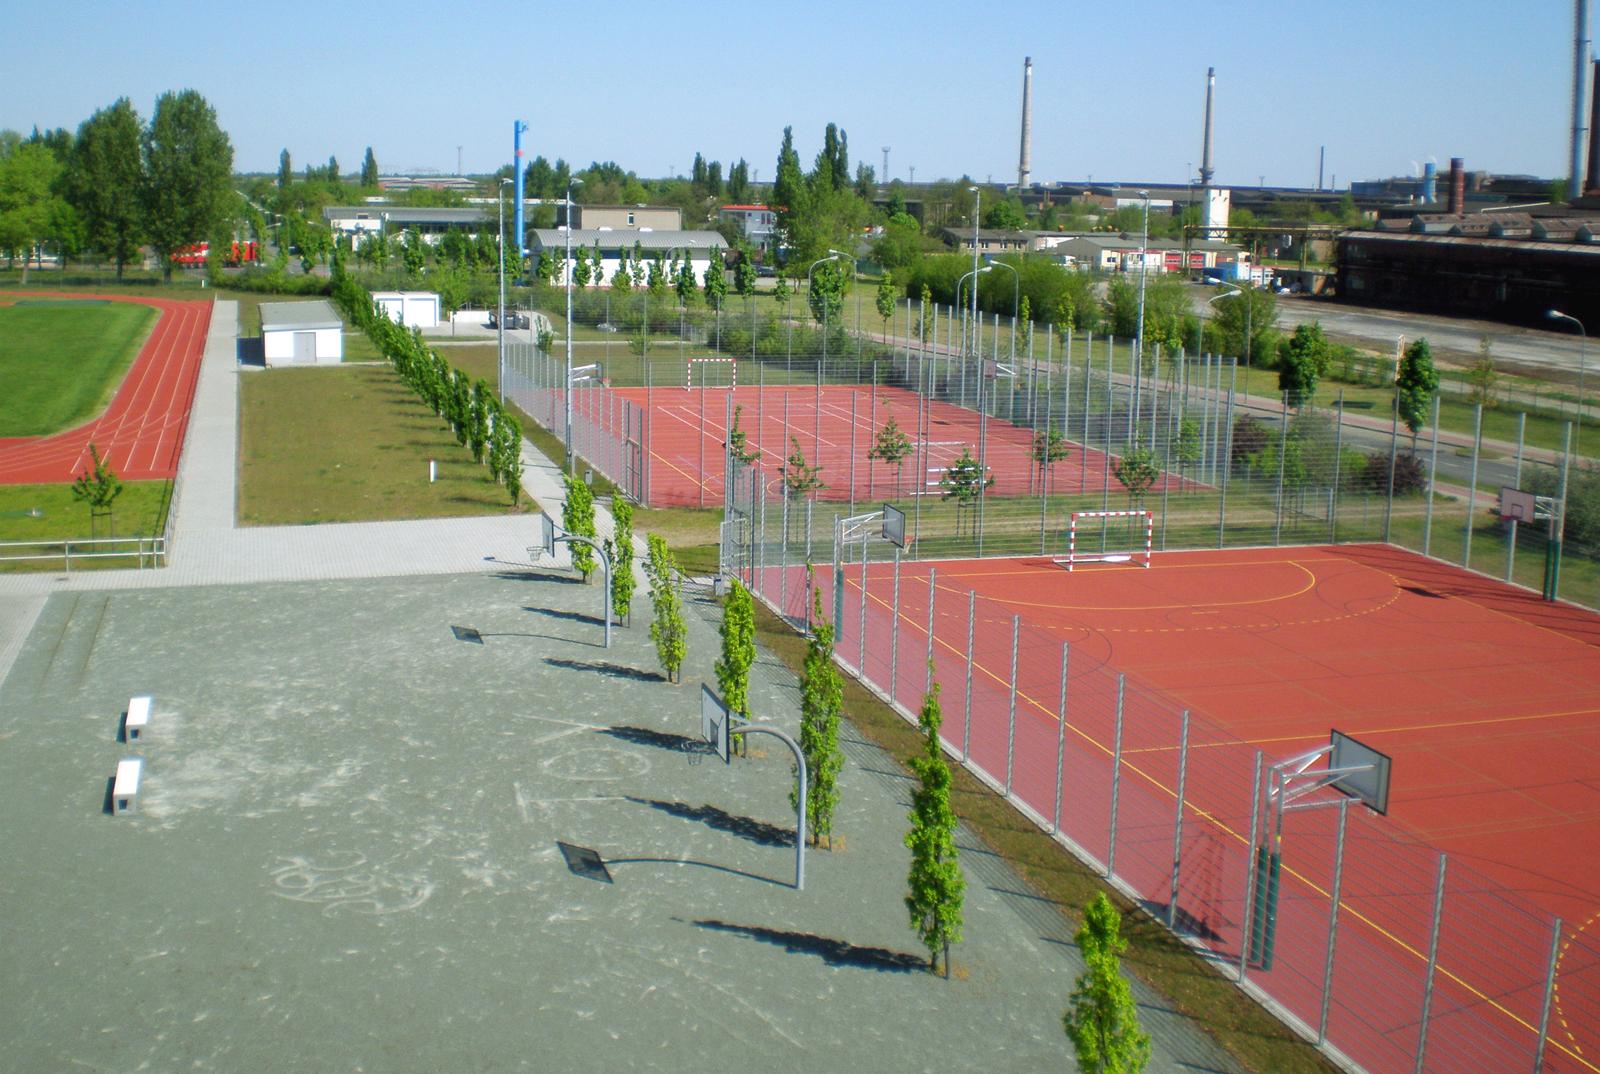 OSZ-technik-henningsdorf-sportfreiflaechen-landschaftsarchitektur-berlin-freianlagen-albert-armbruster-sportplatz